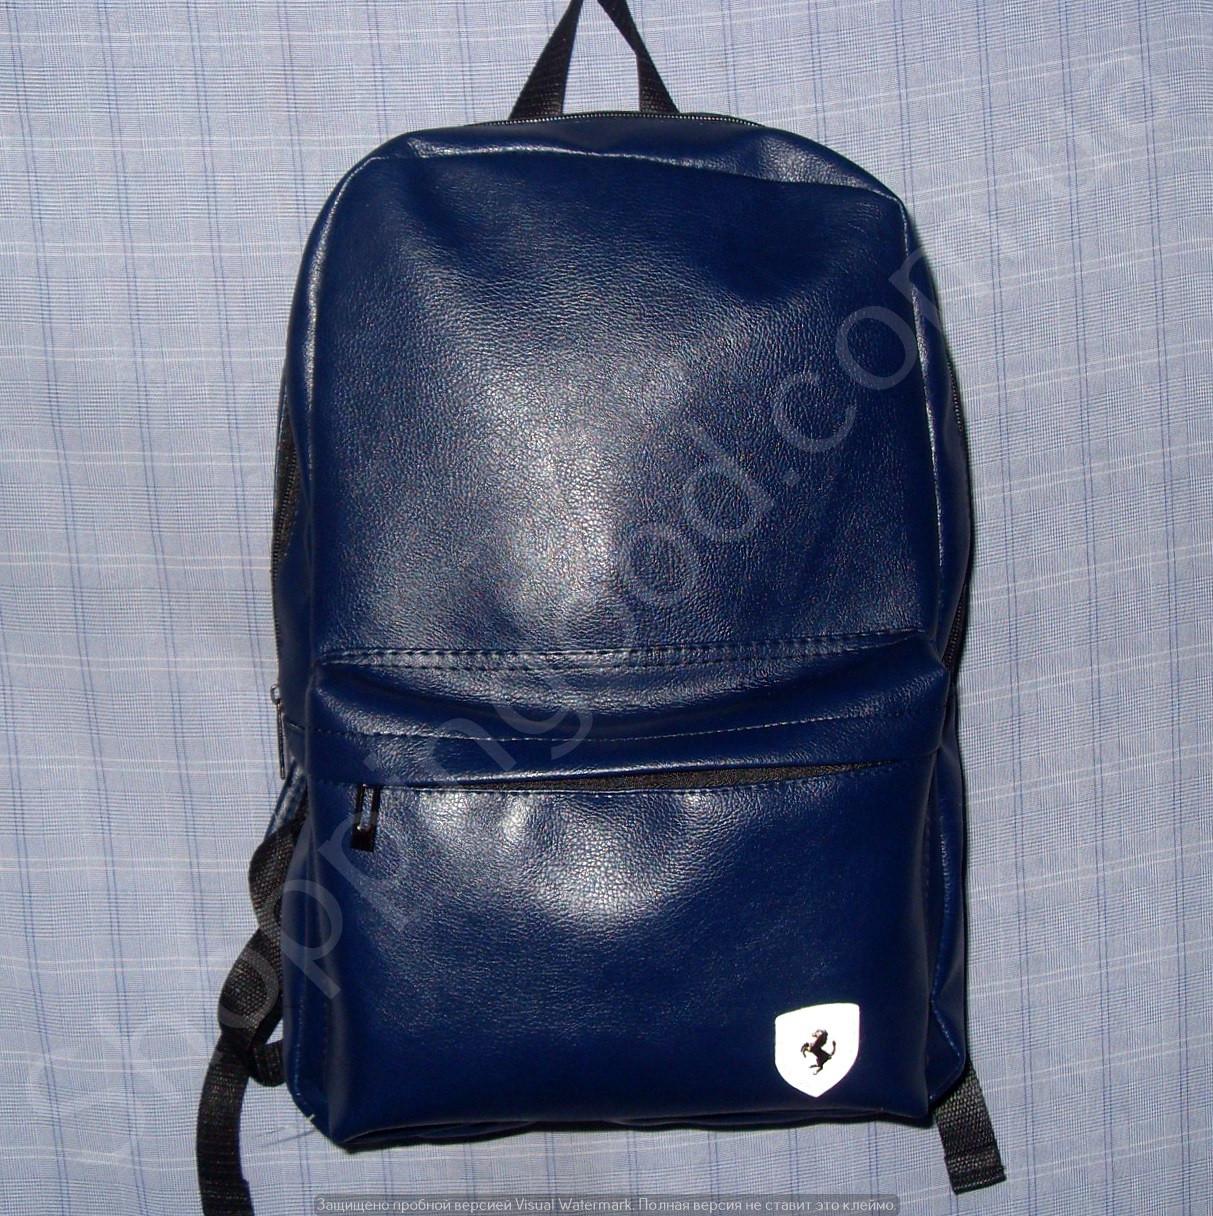 a1c74b4eefc0 Рюкзак Ferrari 15 л 114130 темно-синий спортивный школьный эко-кожа копия